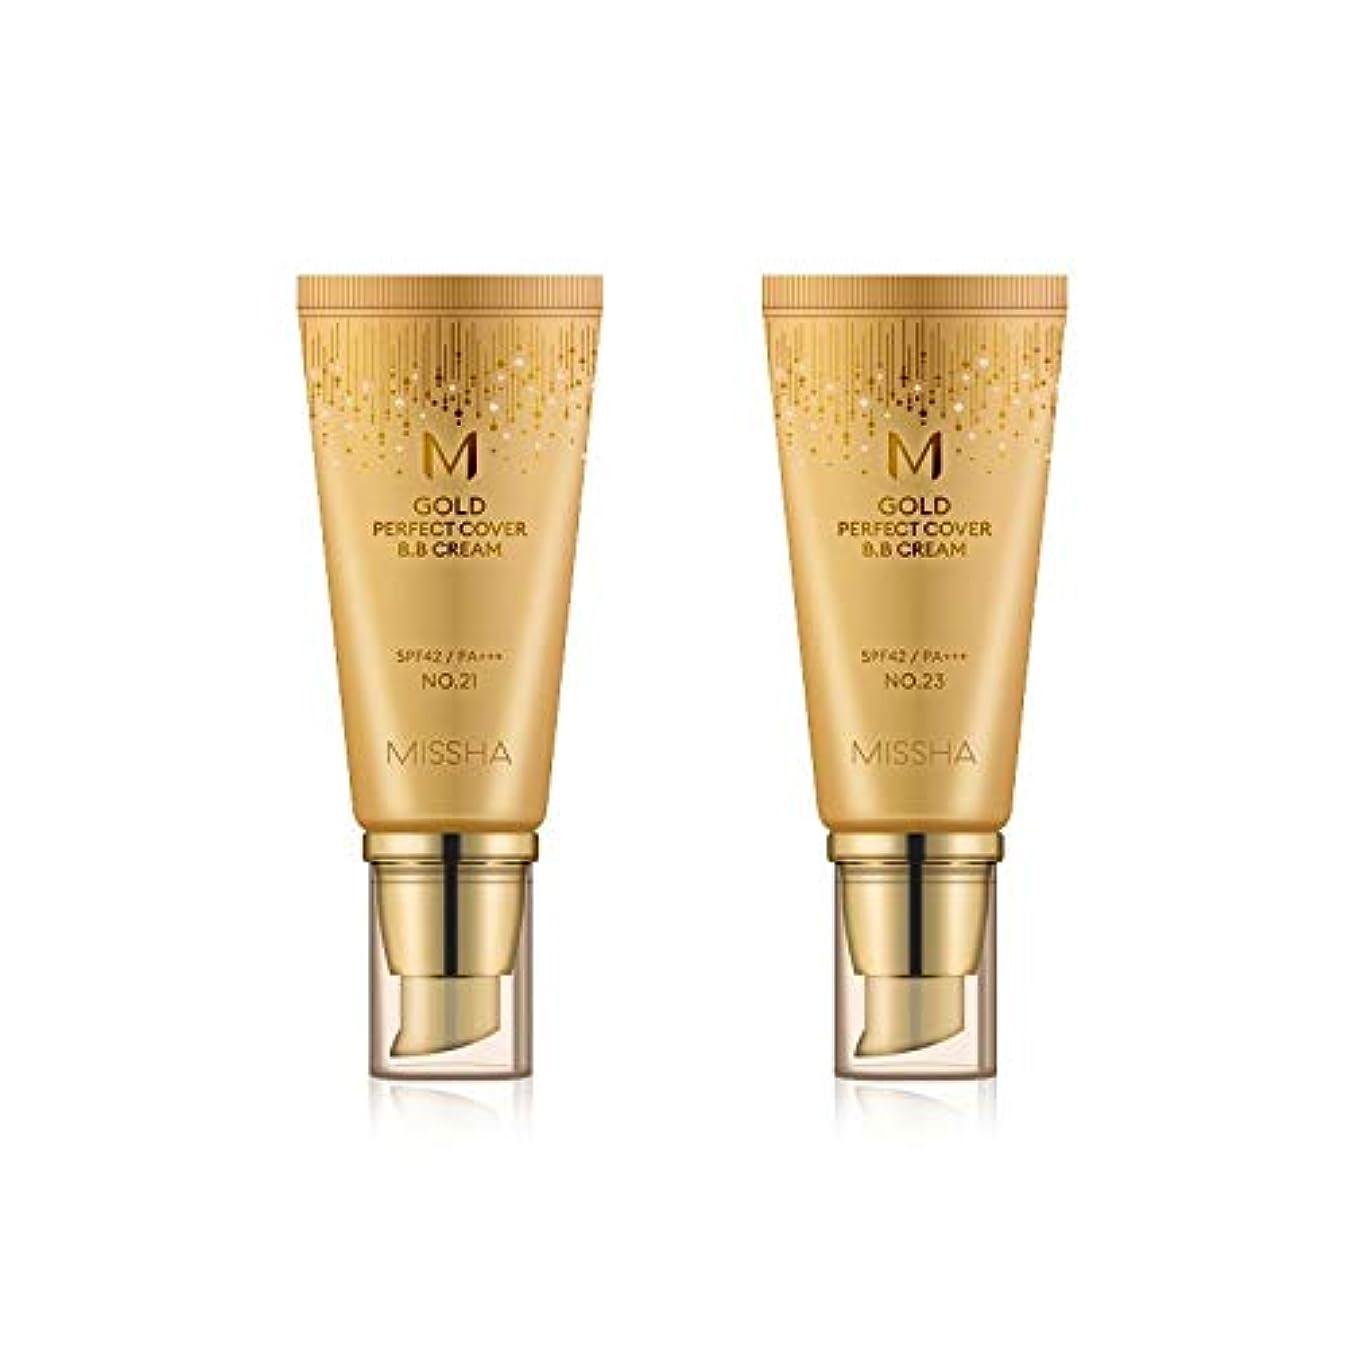 鮫土曜日返還MISSHA Gold Perfecte Cover BB Cream SPF42 PA+++ / ミシャ ゴールド パーフェクト カバー BBクリーム 50ml *NO.21 [並行輸入品]